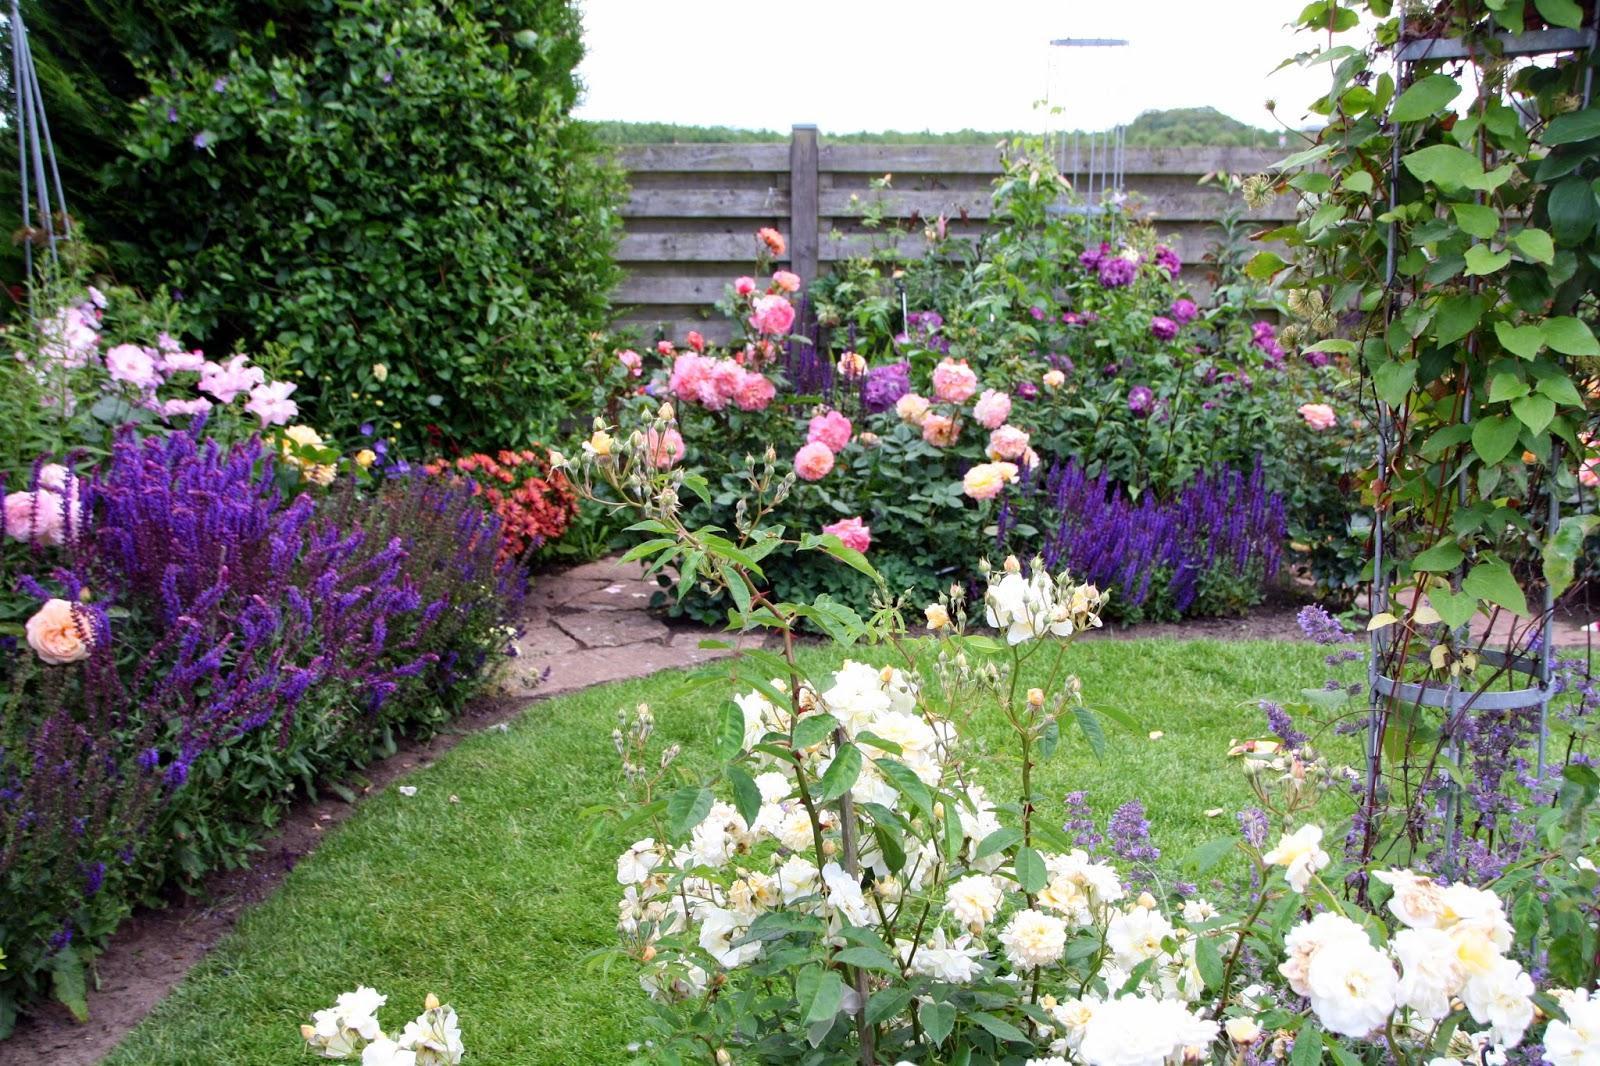 Záhrada,ktorá ťa nikdy neomrzí...divoká a krásna - Obrázok č. 78